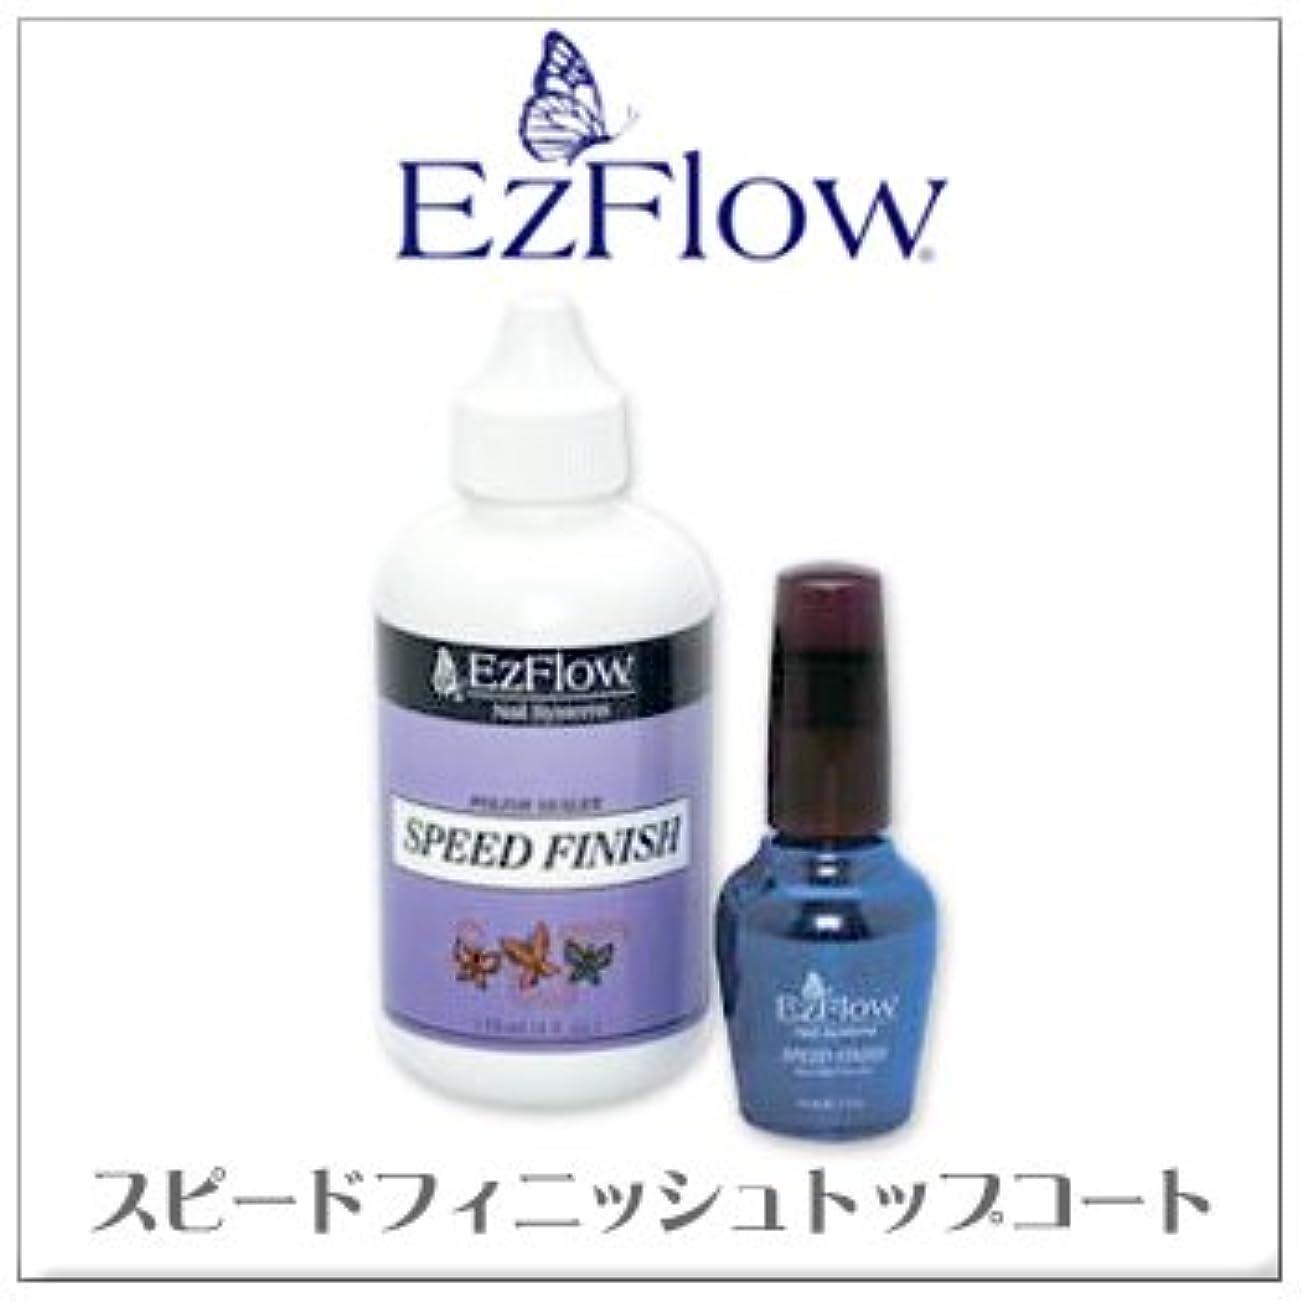 助言ペイント教育学Ez-Flow (イージーフロー) スピードフィニッシュトップコート (1/2oz)